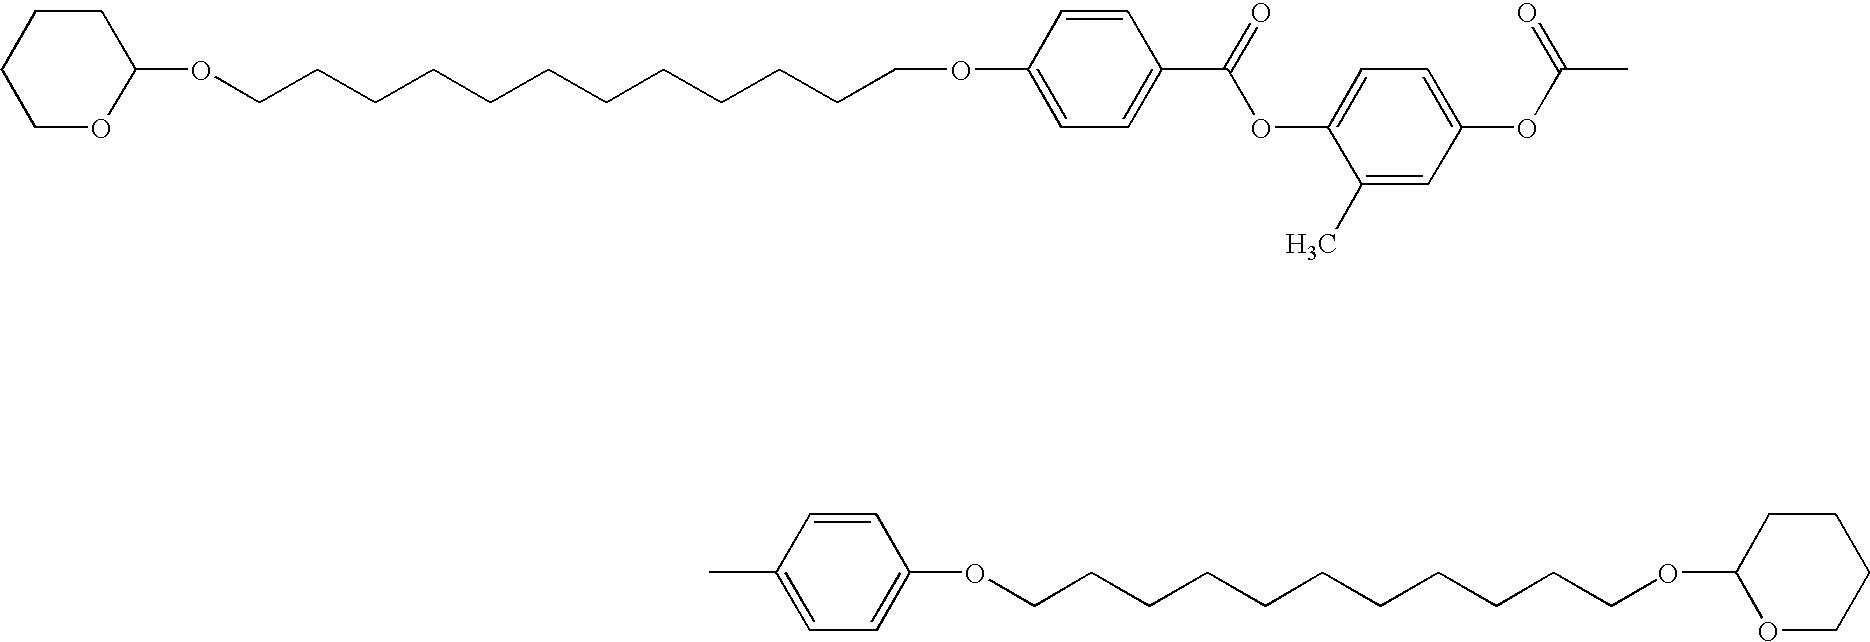 Figure US20100014010A1-20100121-C00032